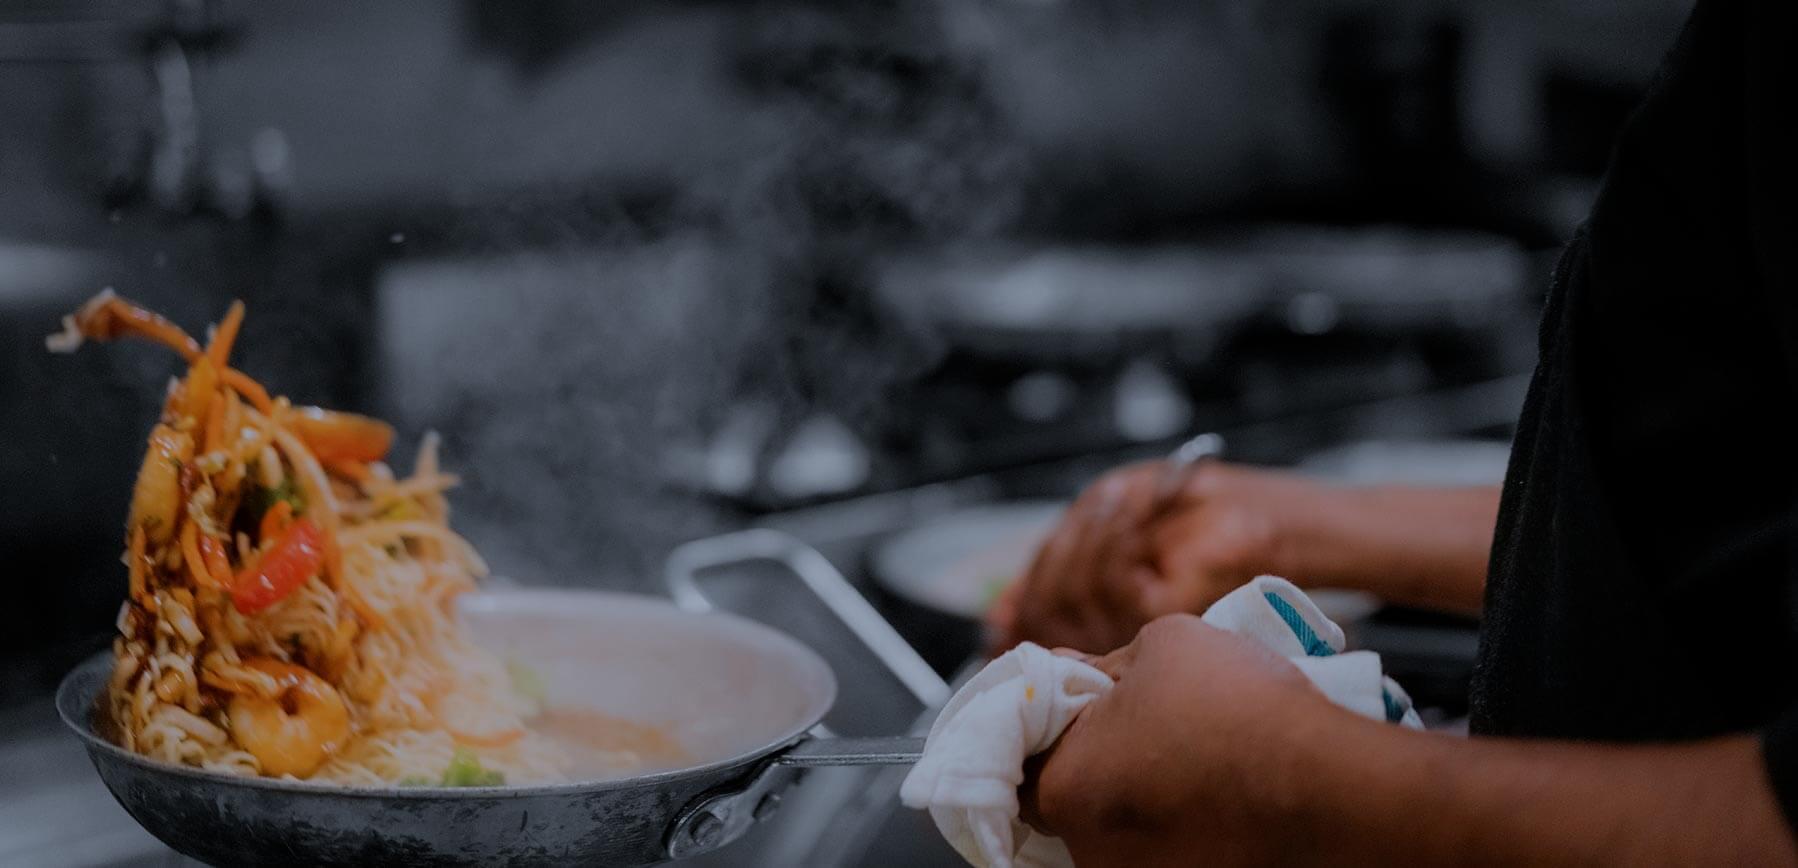 Un cuisiner qui fait cuire des pâtes dans une casserole.